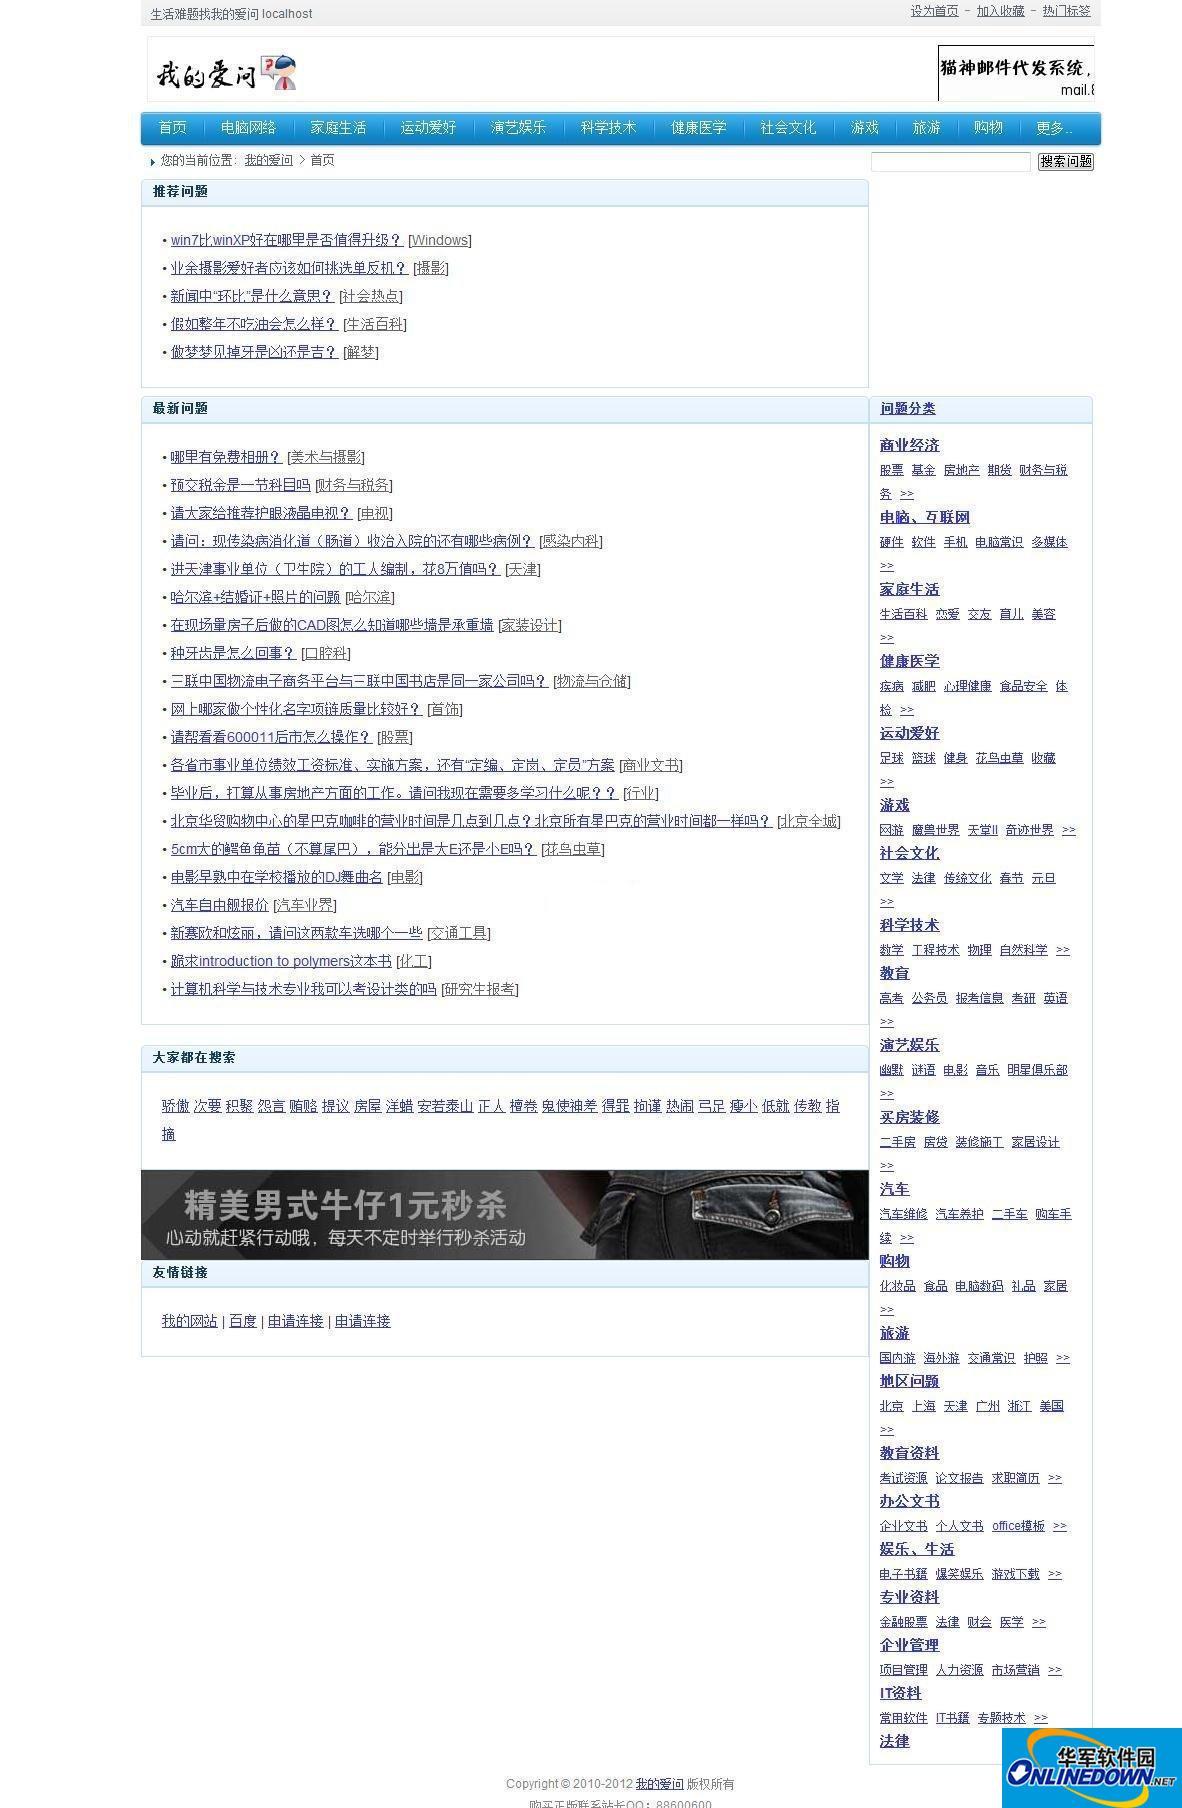 新浪问答小偷2011新春版 3.0.0